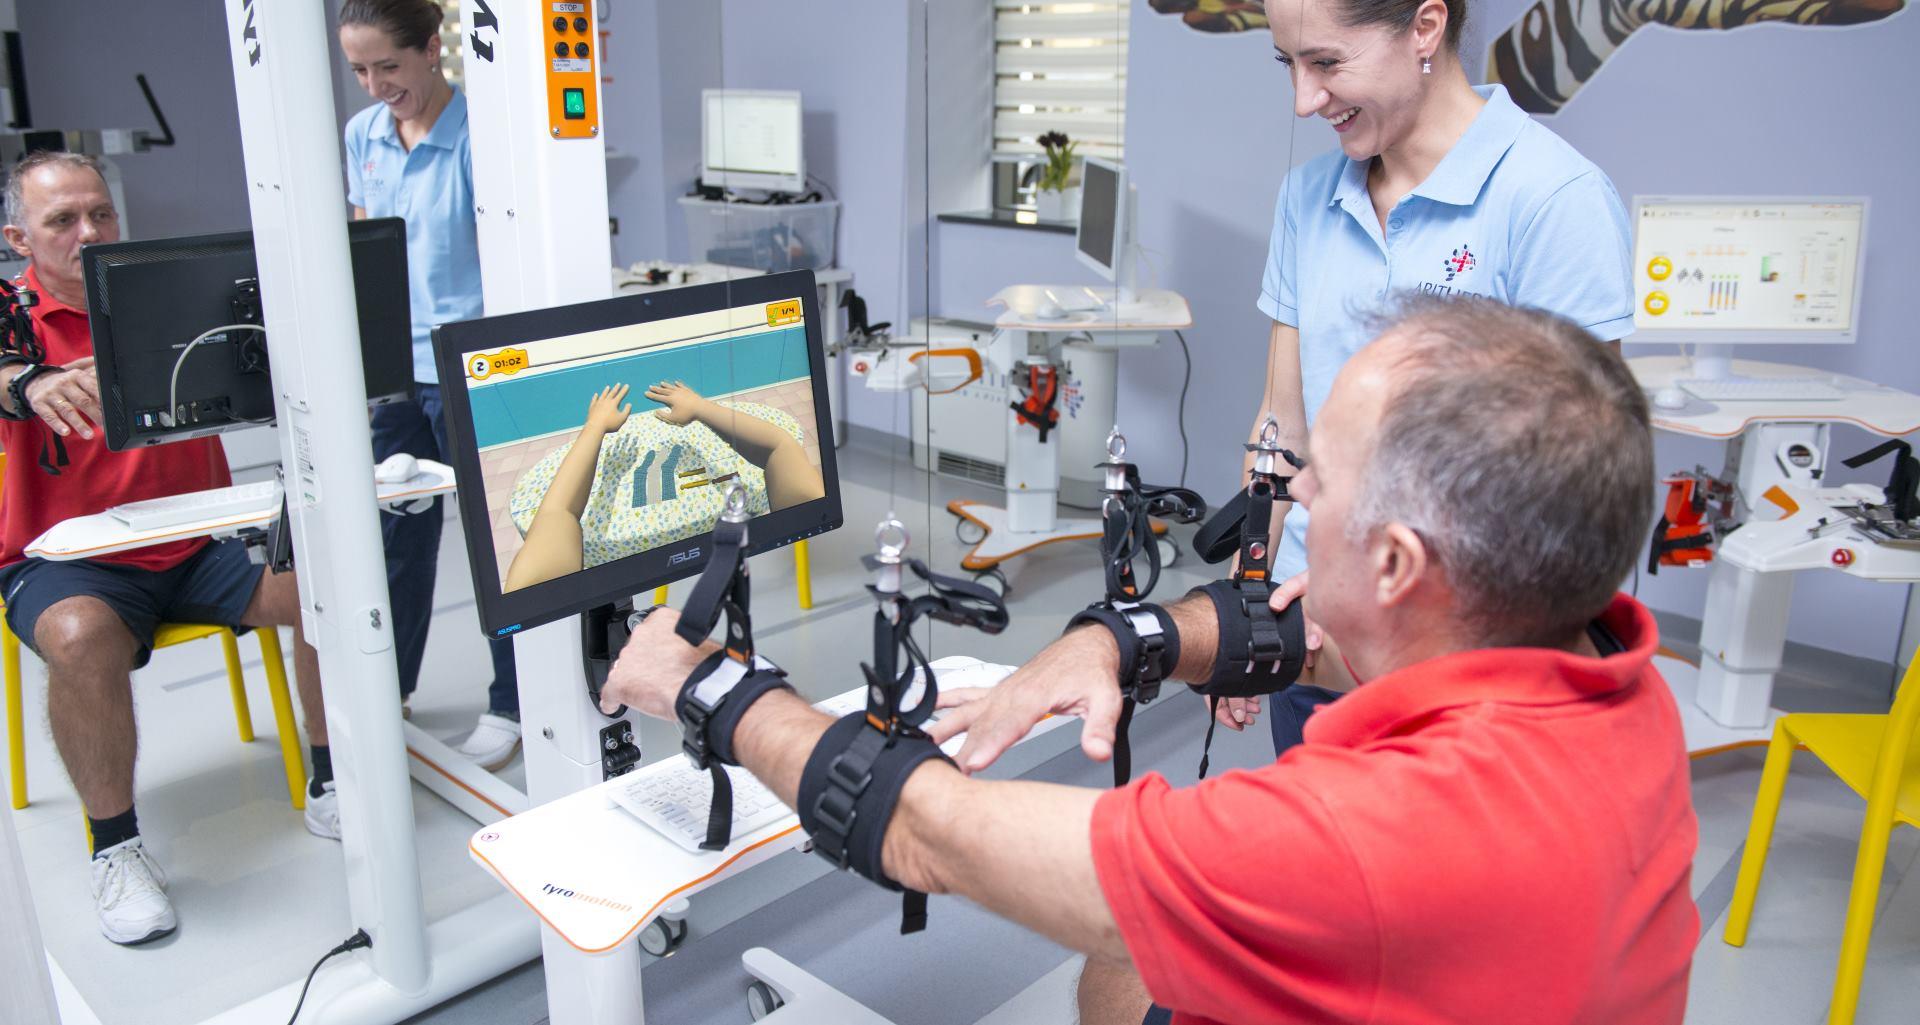 SPECIJALNA BOLNICA ARITHERA Predstavljena robotska neurorehabilitacija koja vraća izgubljeni pokret